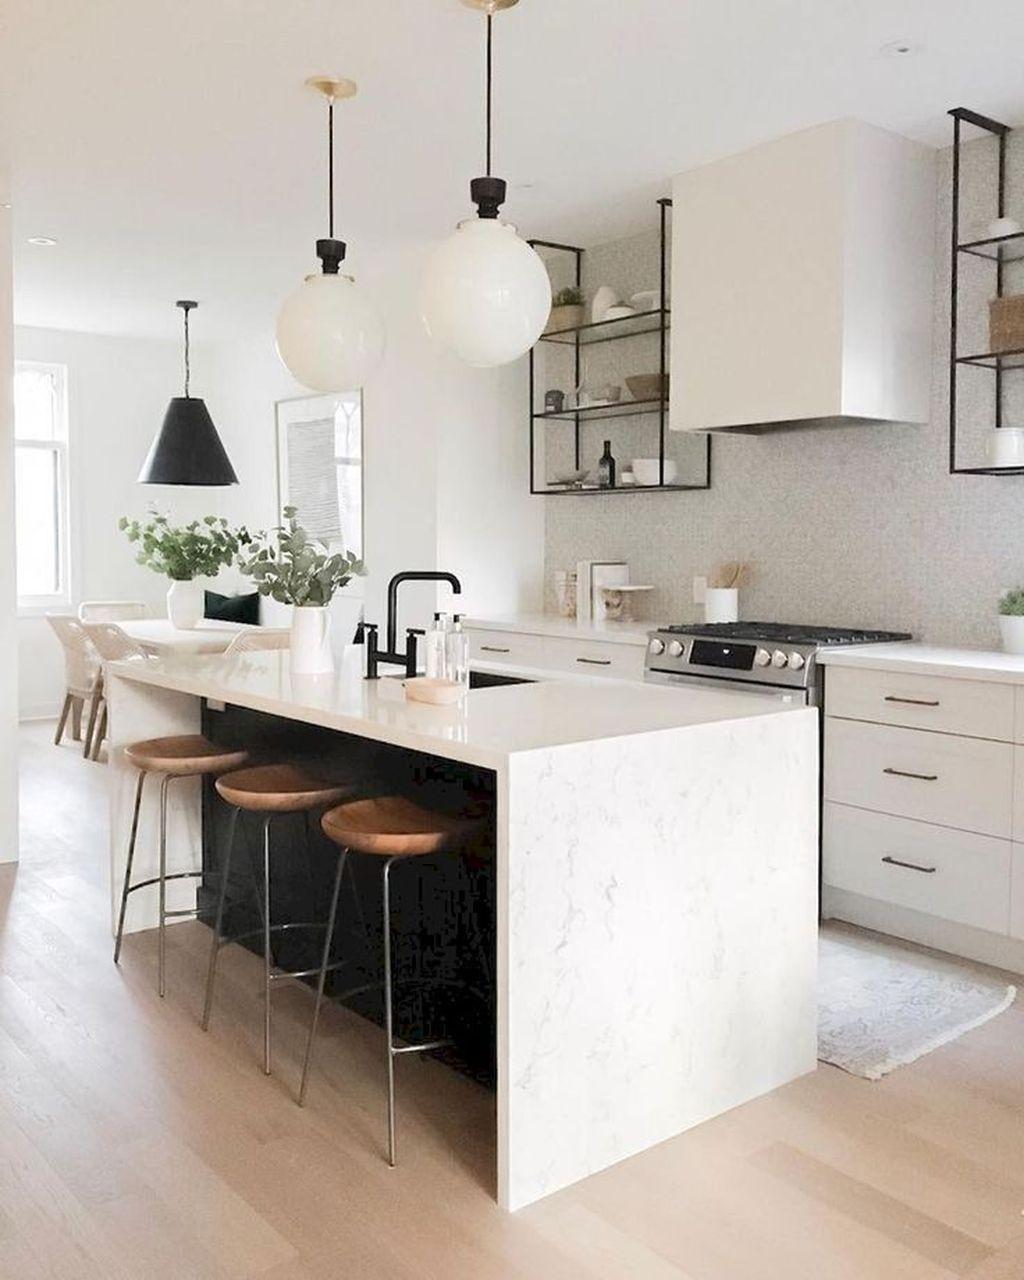 35 Cool Kitchen Design Ideas In 2020 Kitchen Design Small